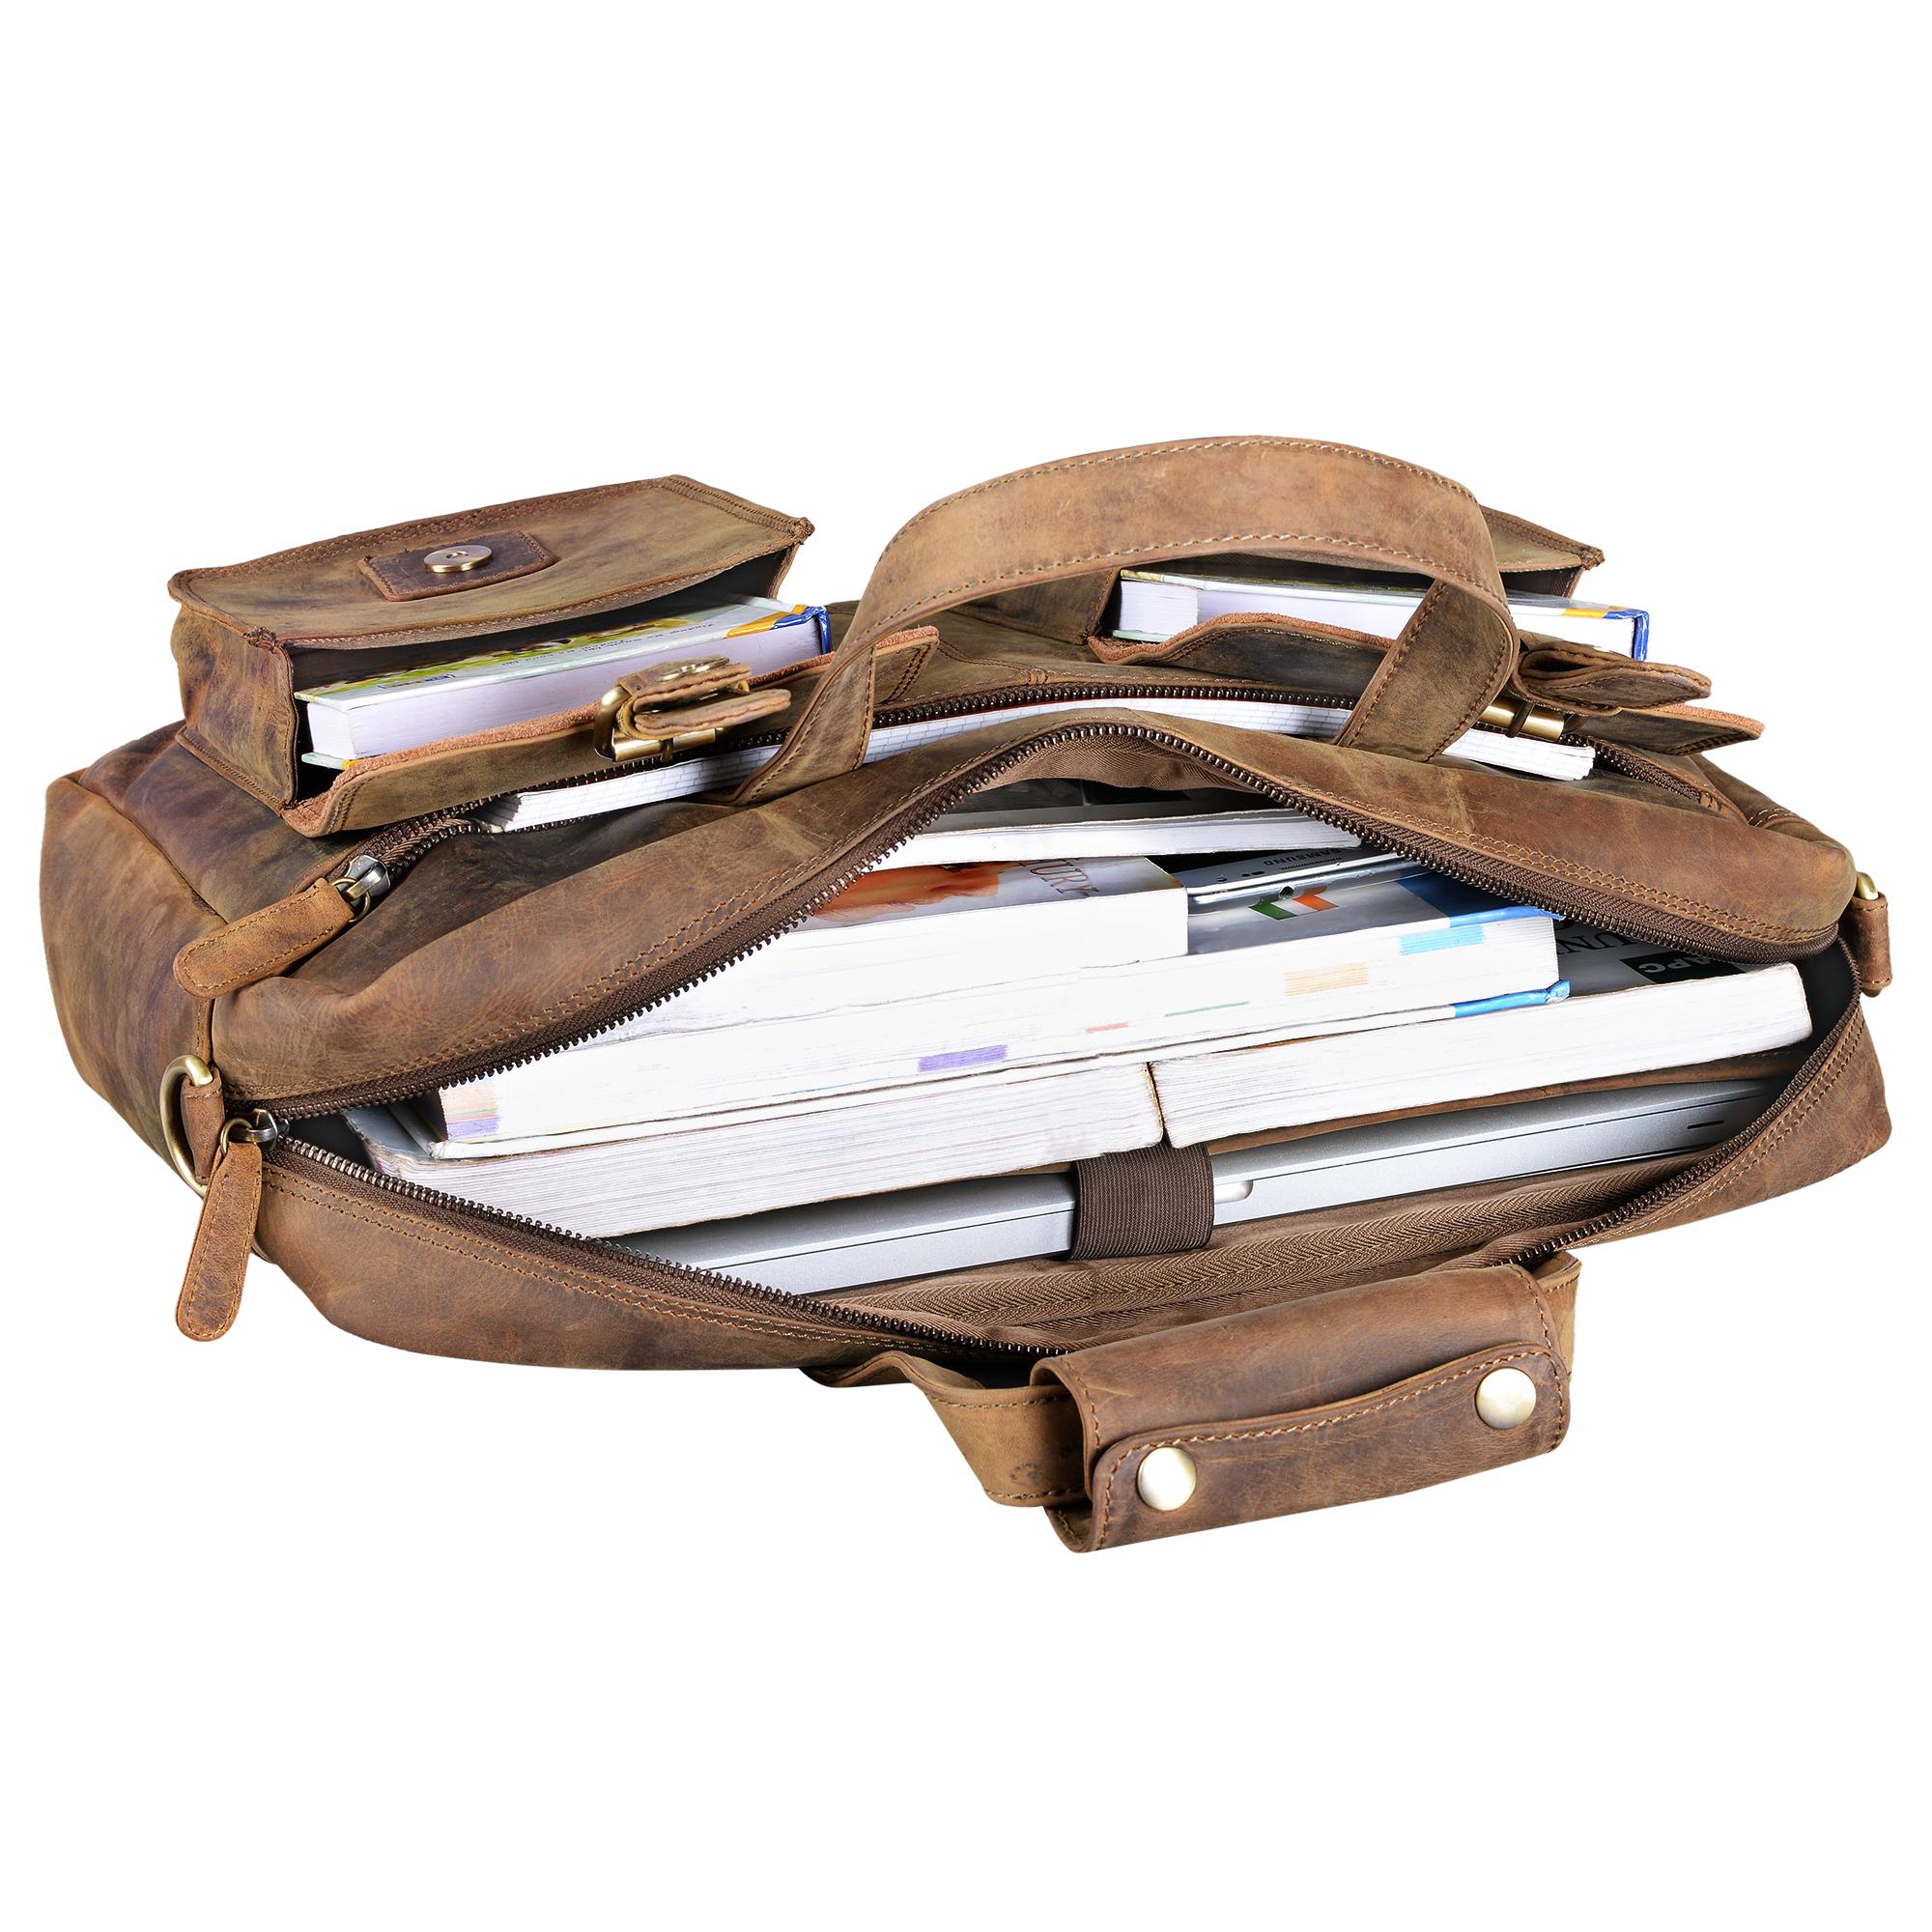 """STILORD """"Ron"""" Vintage Ledertasche 15.6 Zoll Laptopfach große Umhängetasche Herren für Büro Arbeit Uni moderne Aktentasche aus echtem Rinds-Leder - Bild 13"""